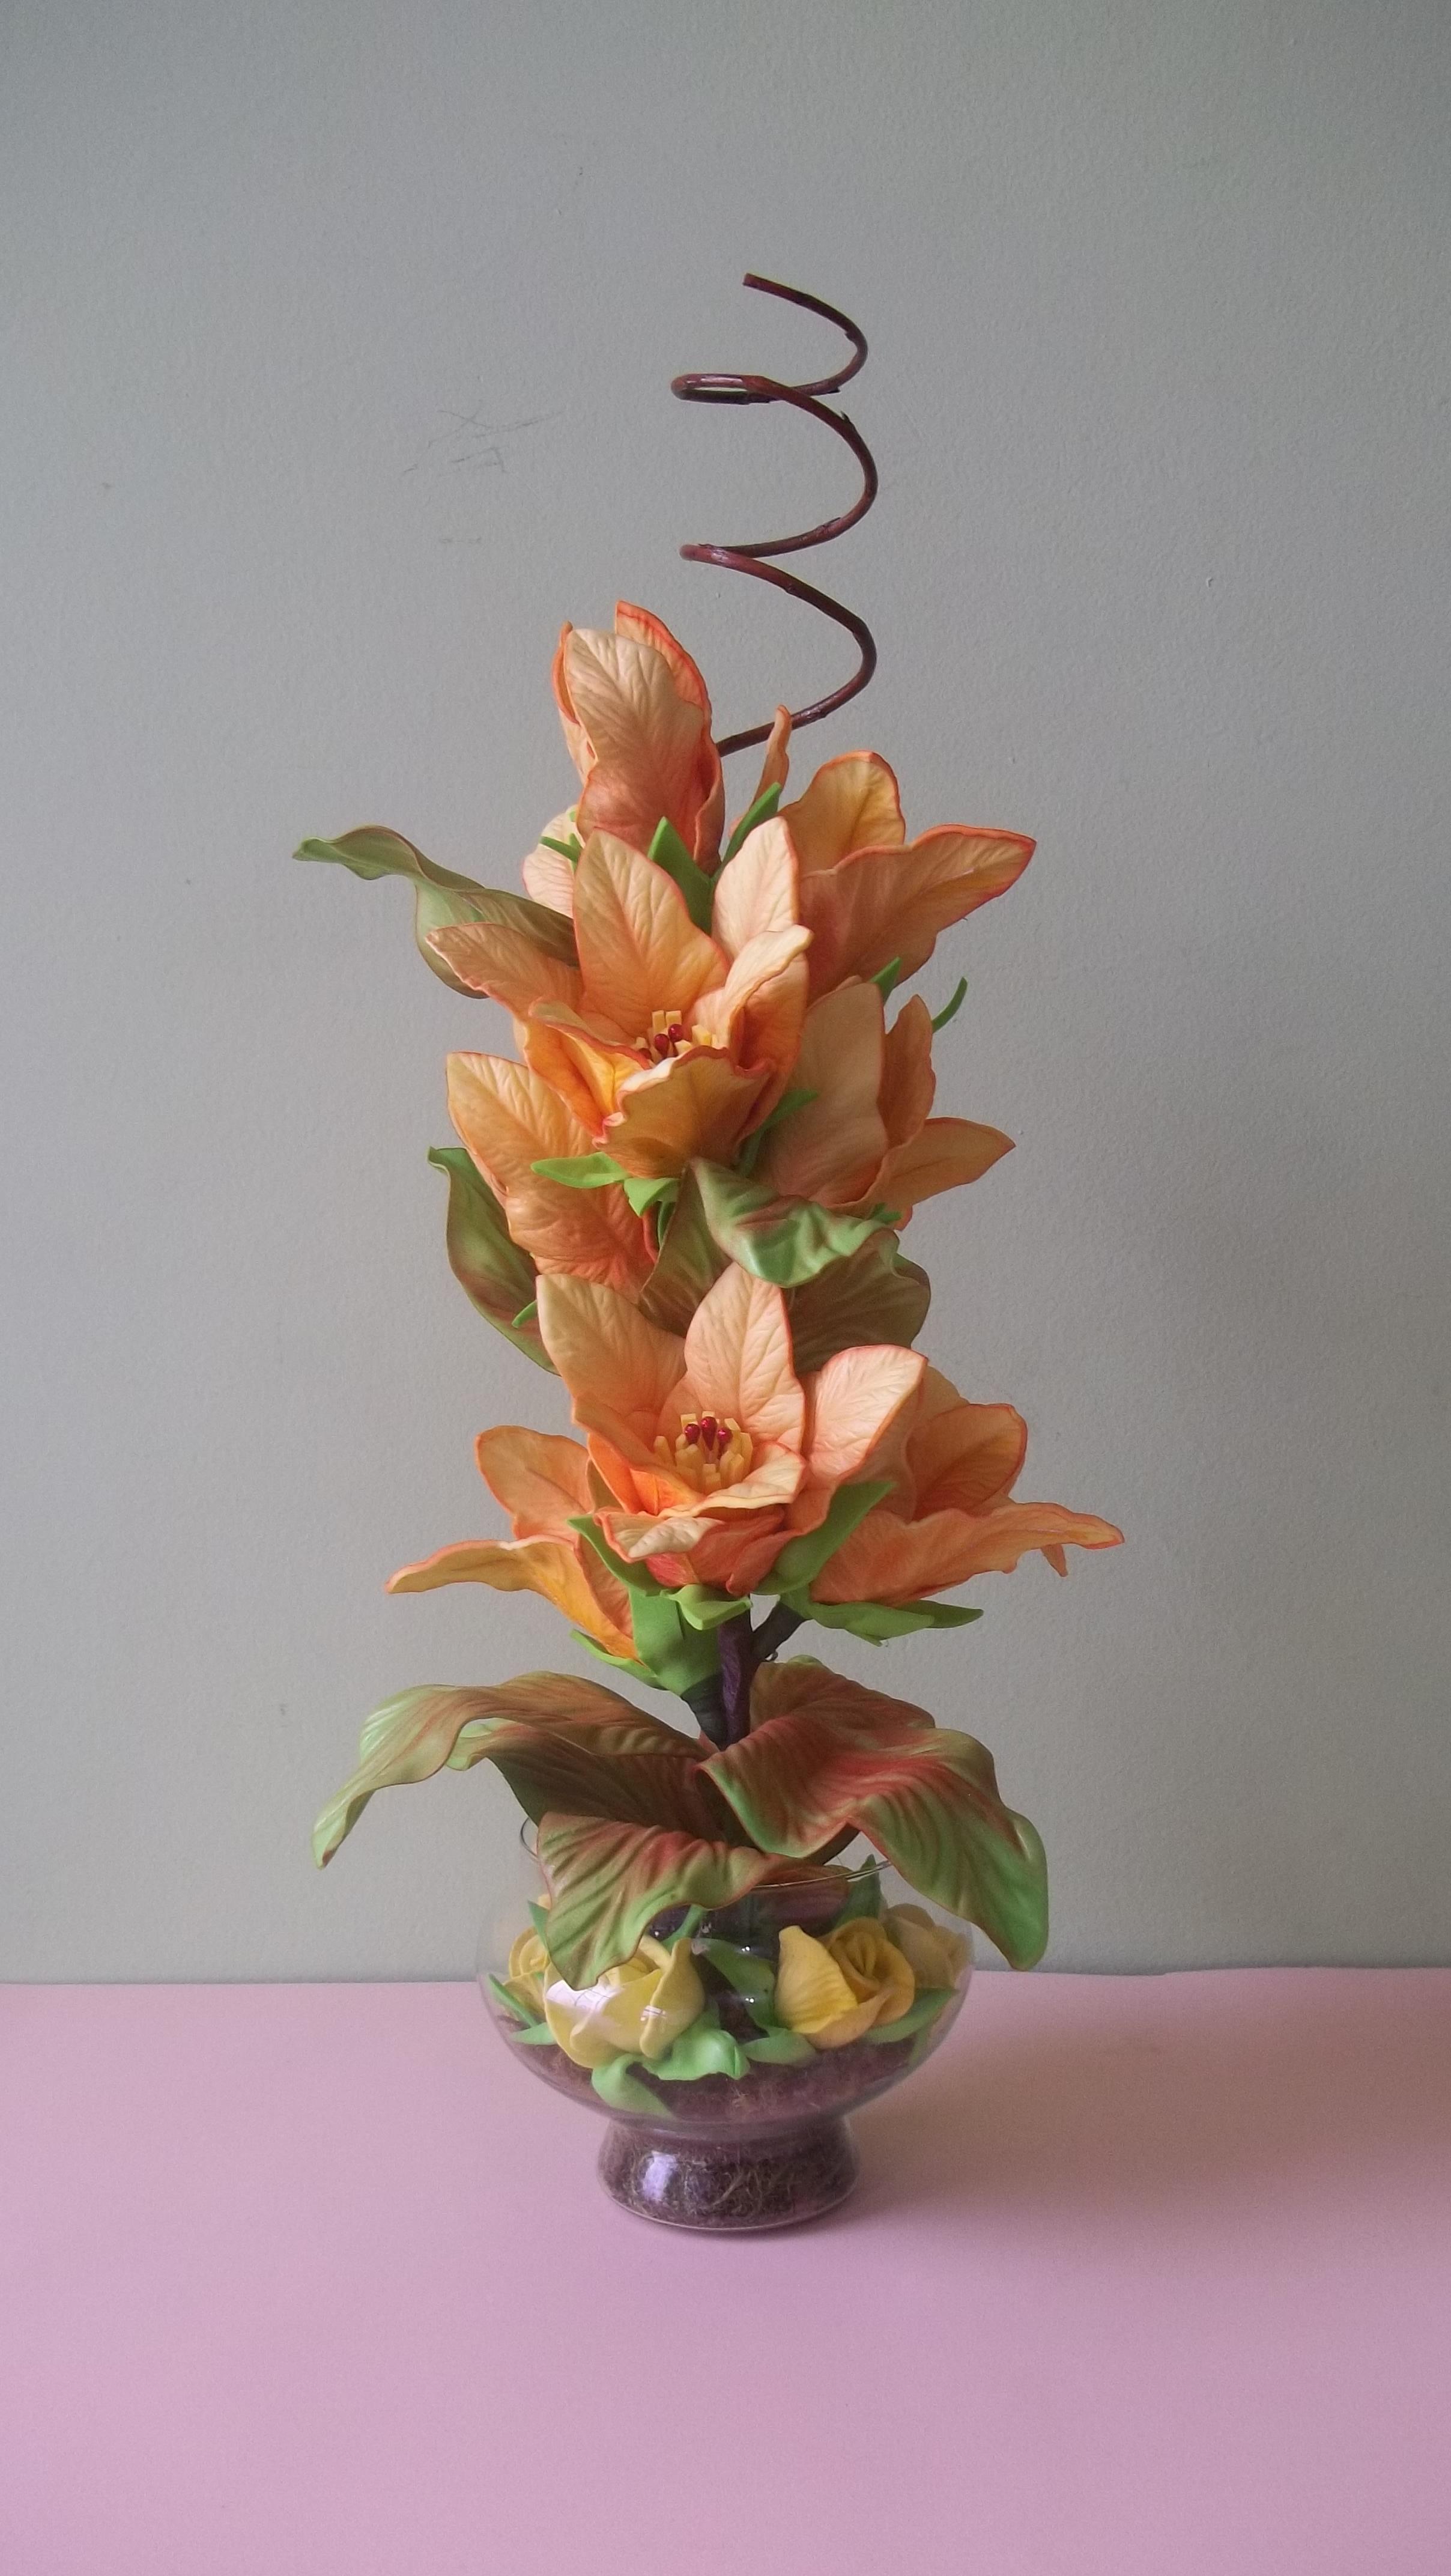 Arranjo de Flores Artificiais Idéias e Cores Decor Elo7 -> Decoração Arranjos De Flores Artificiais